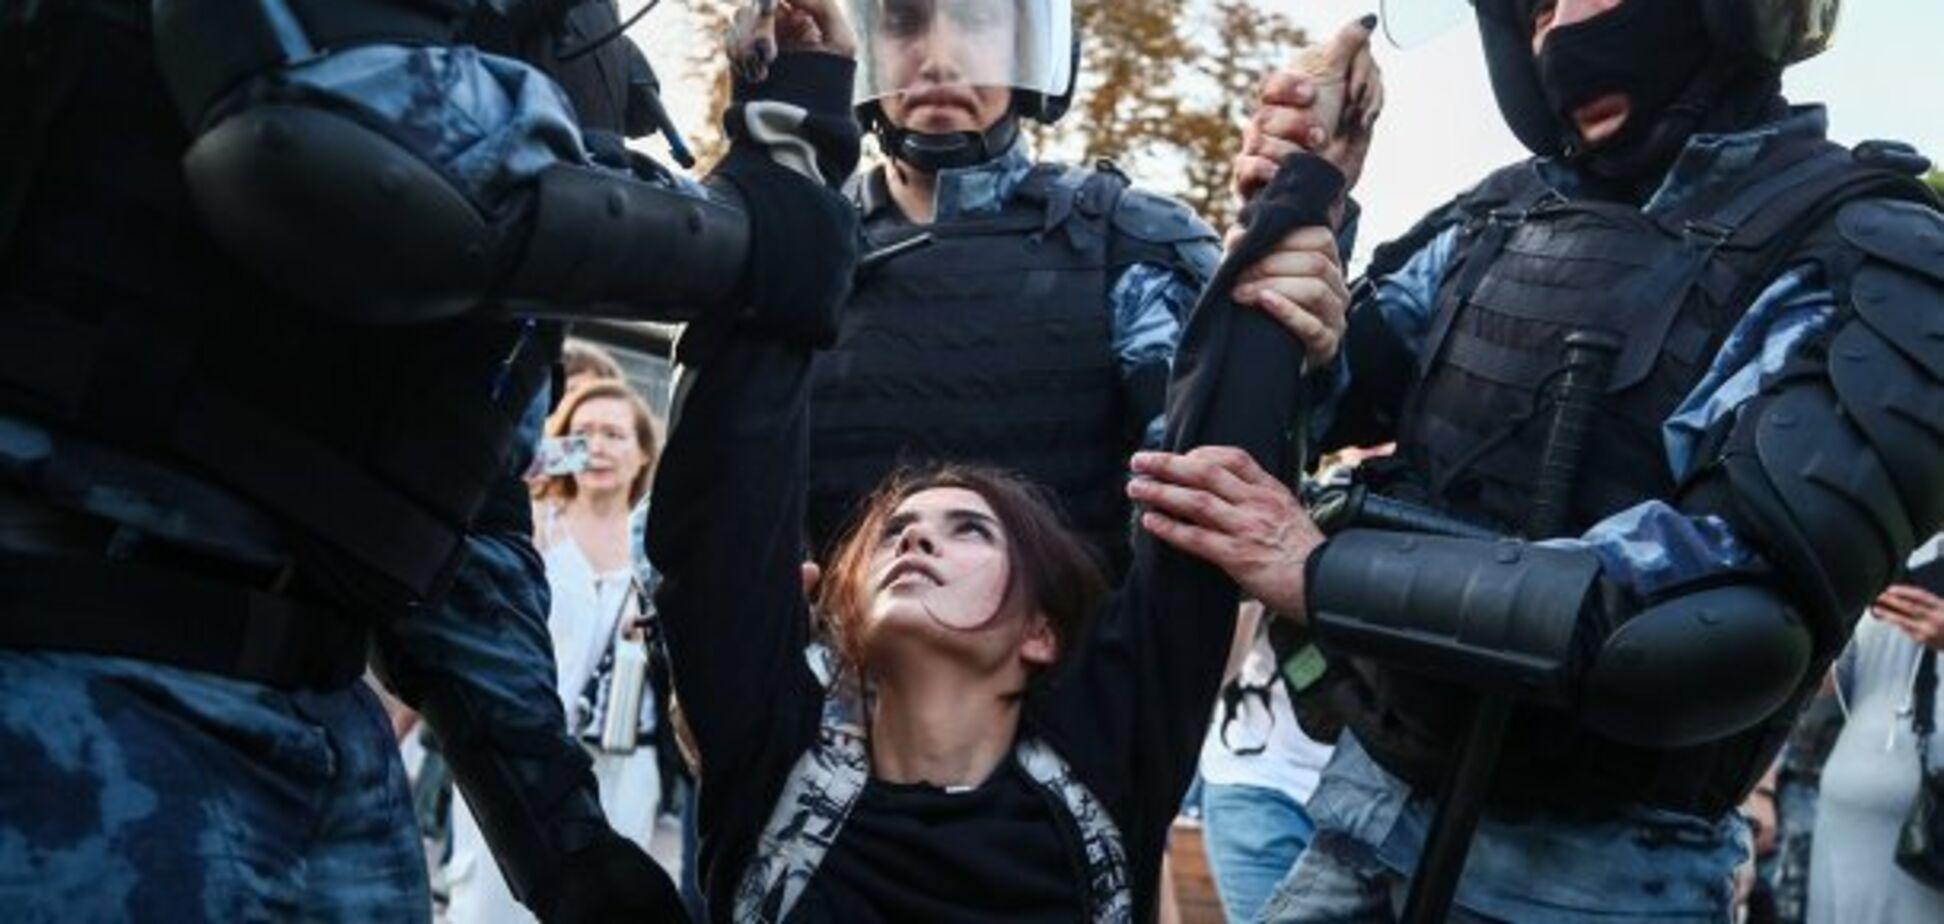 Майдан в России: крови в Москве пока поменьше